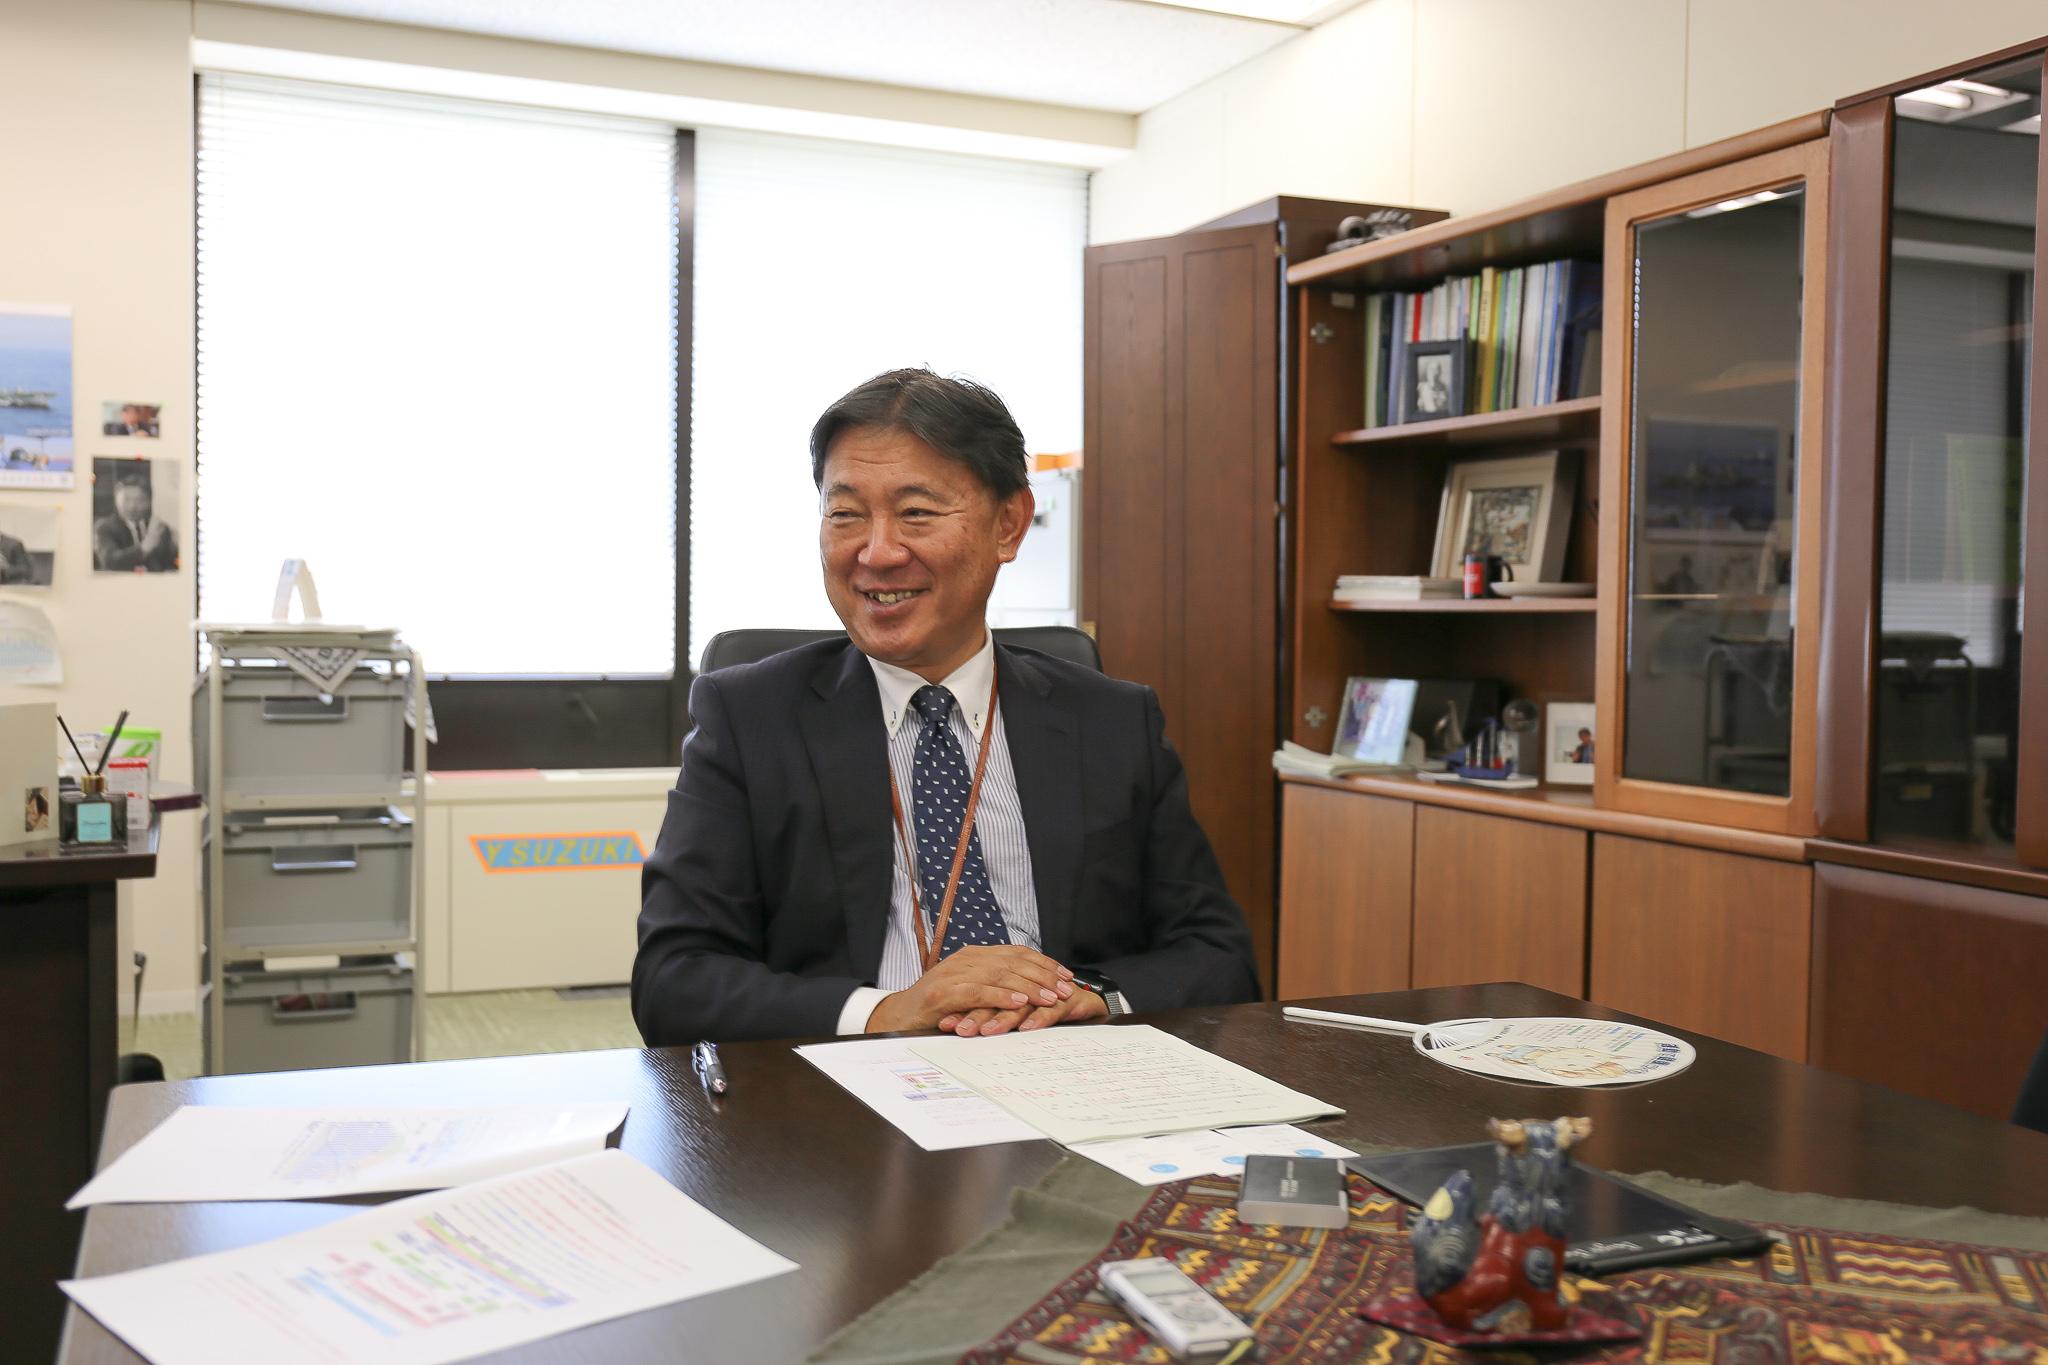 医系技官とは?初代医務技監に就任された 鈴木康裕先生が語るその魅力